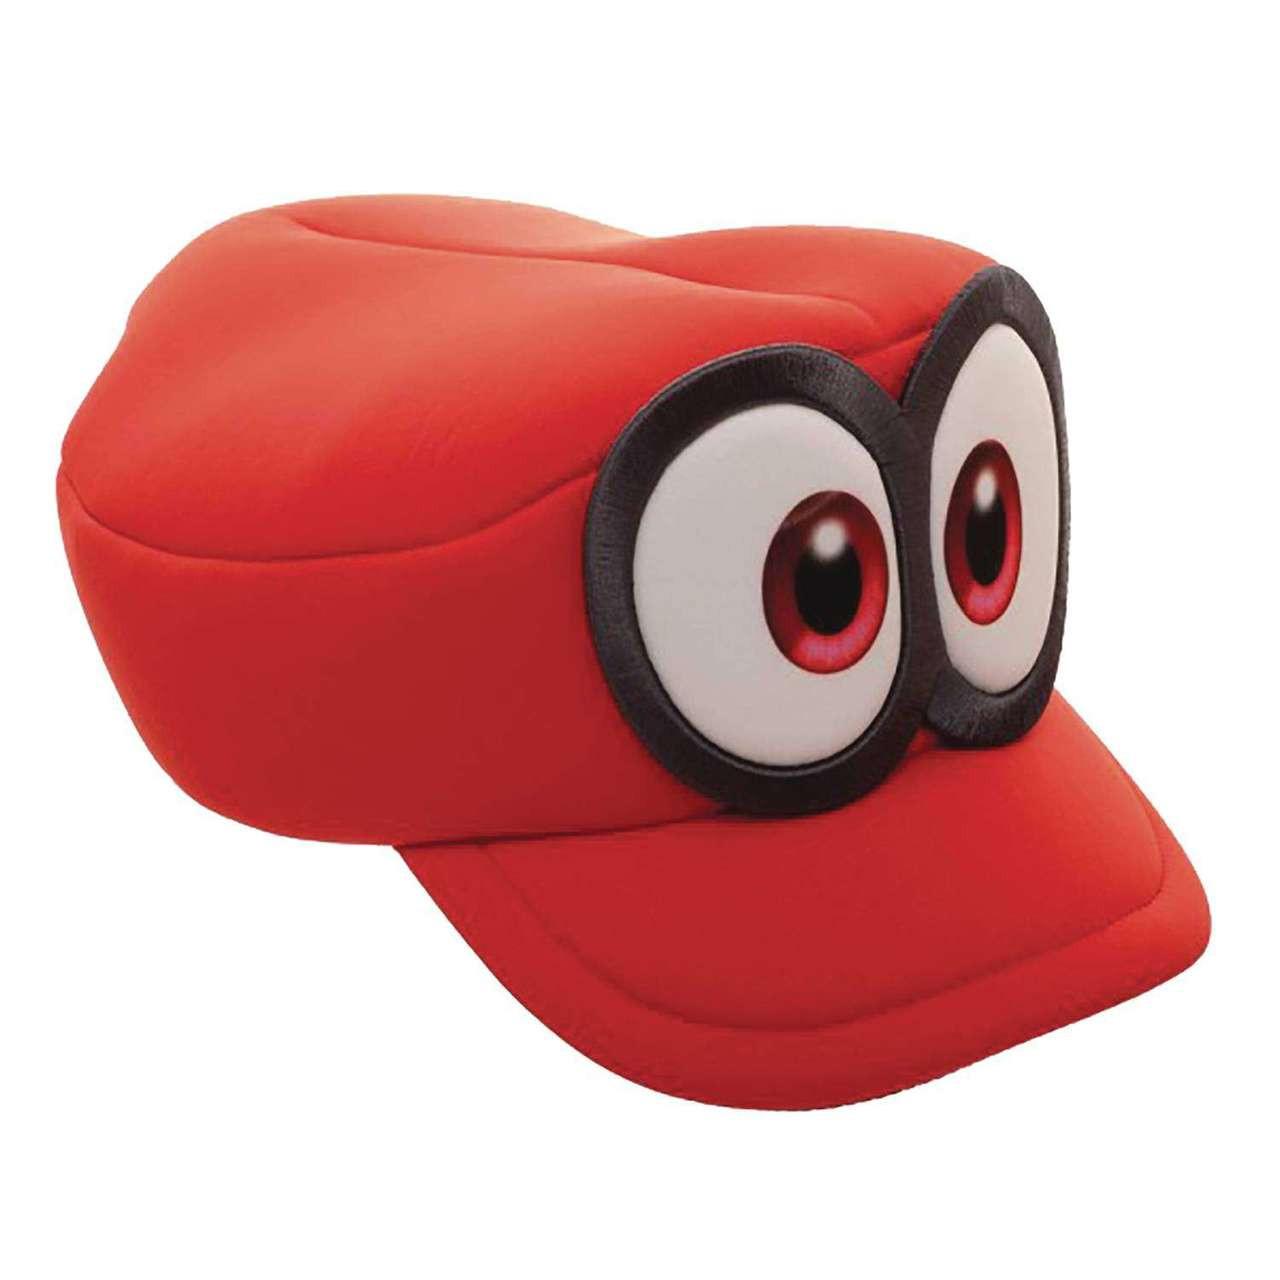 2cf5b6b3e3d45c Super Mario Odyssey Cappy Cosplay Hat Apparel Bioworld - ToyWiz